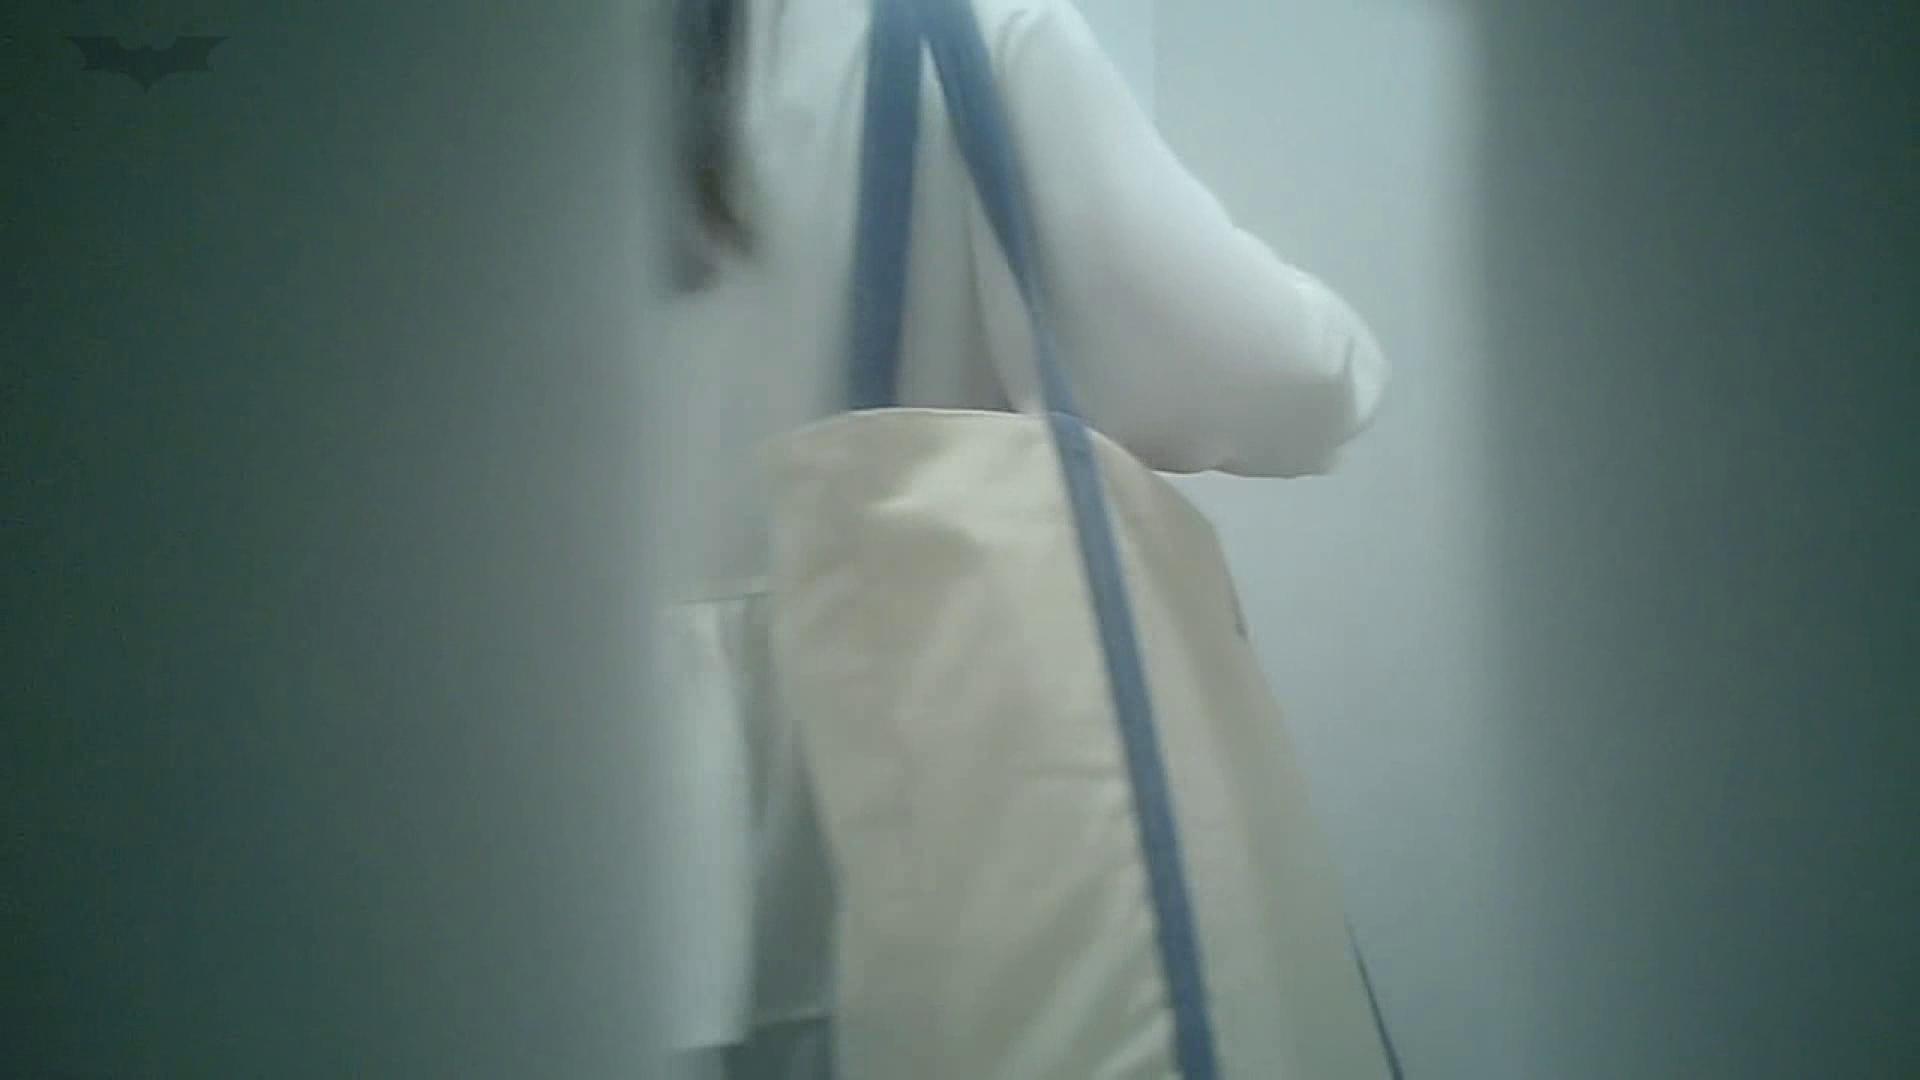 有名大学女性洗面所 vol.40 ??おまじない的な動きをする子がいます。 排泄 AV動画キャプチャ 51画像 17